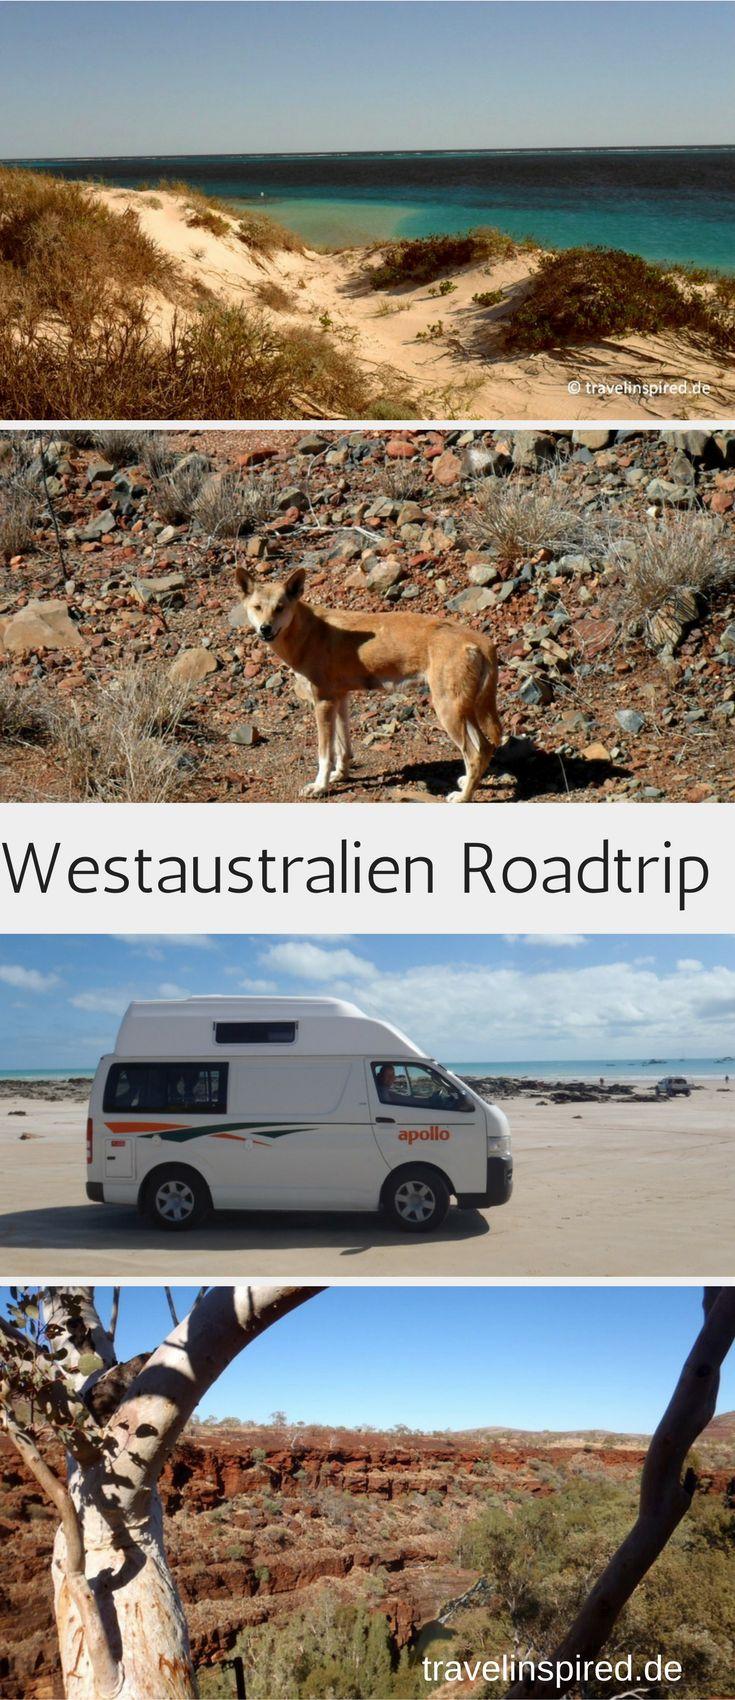 Tipps & Infos für deinen Roadtrip von Darwin nach Perth durch die Nationalparks in Westaustralien #australien #roadtrip #westaustralien #reisebericht #campervan #travelinspired #lichfield #nationalpark #nationalparks #bunglebungles #lakeargyle #mirimanationalpark #geikiegorge #karijininationalpark #broome #caperange #ningalooreef #pinnacles #monkeymia #yanchep #nambung #dingo #känguru #koala